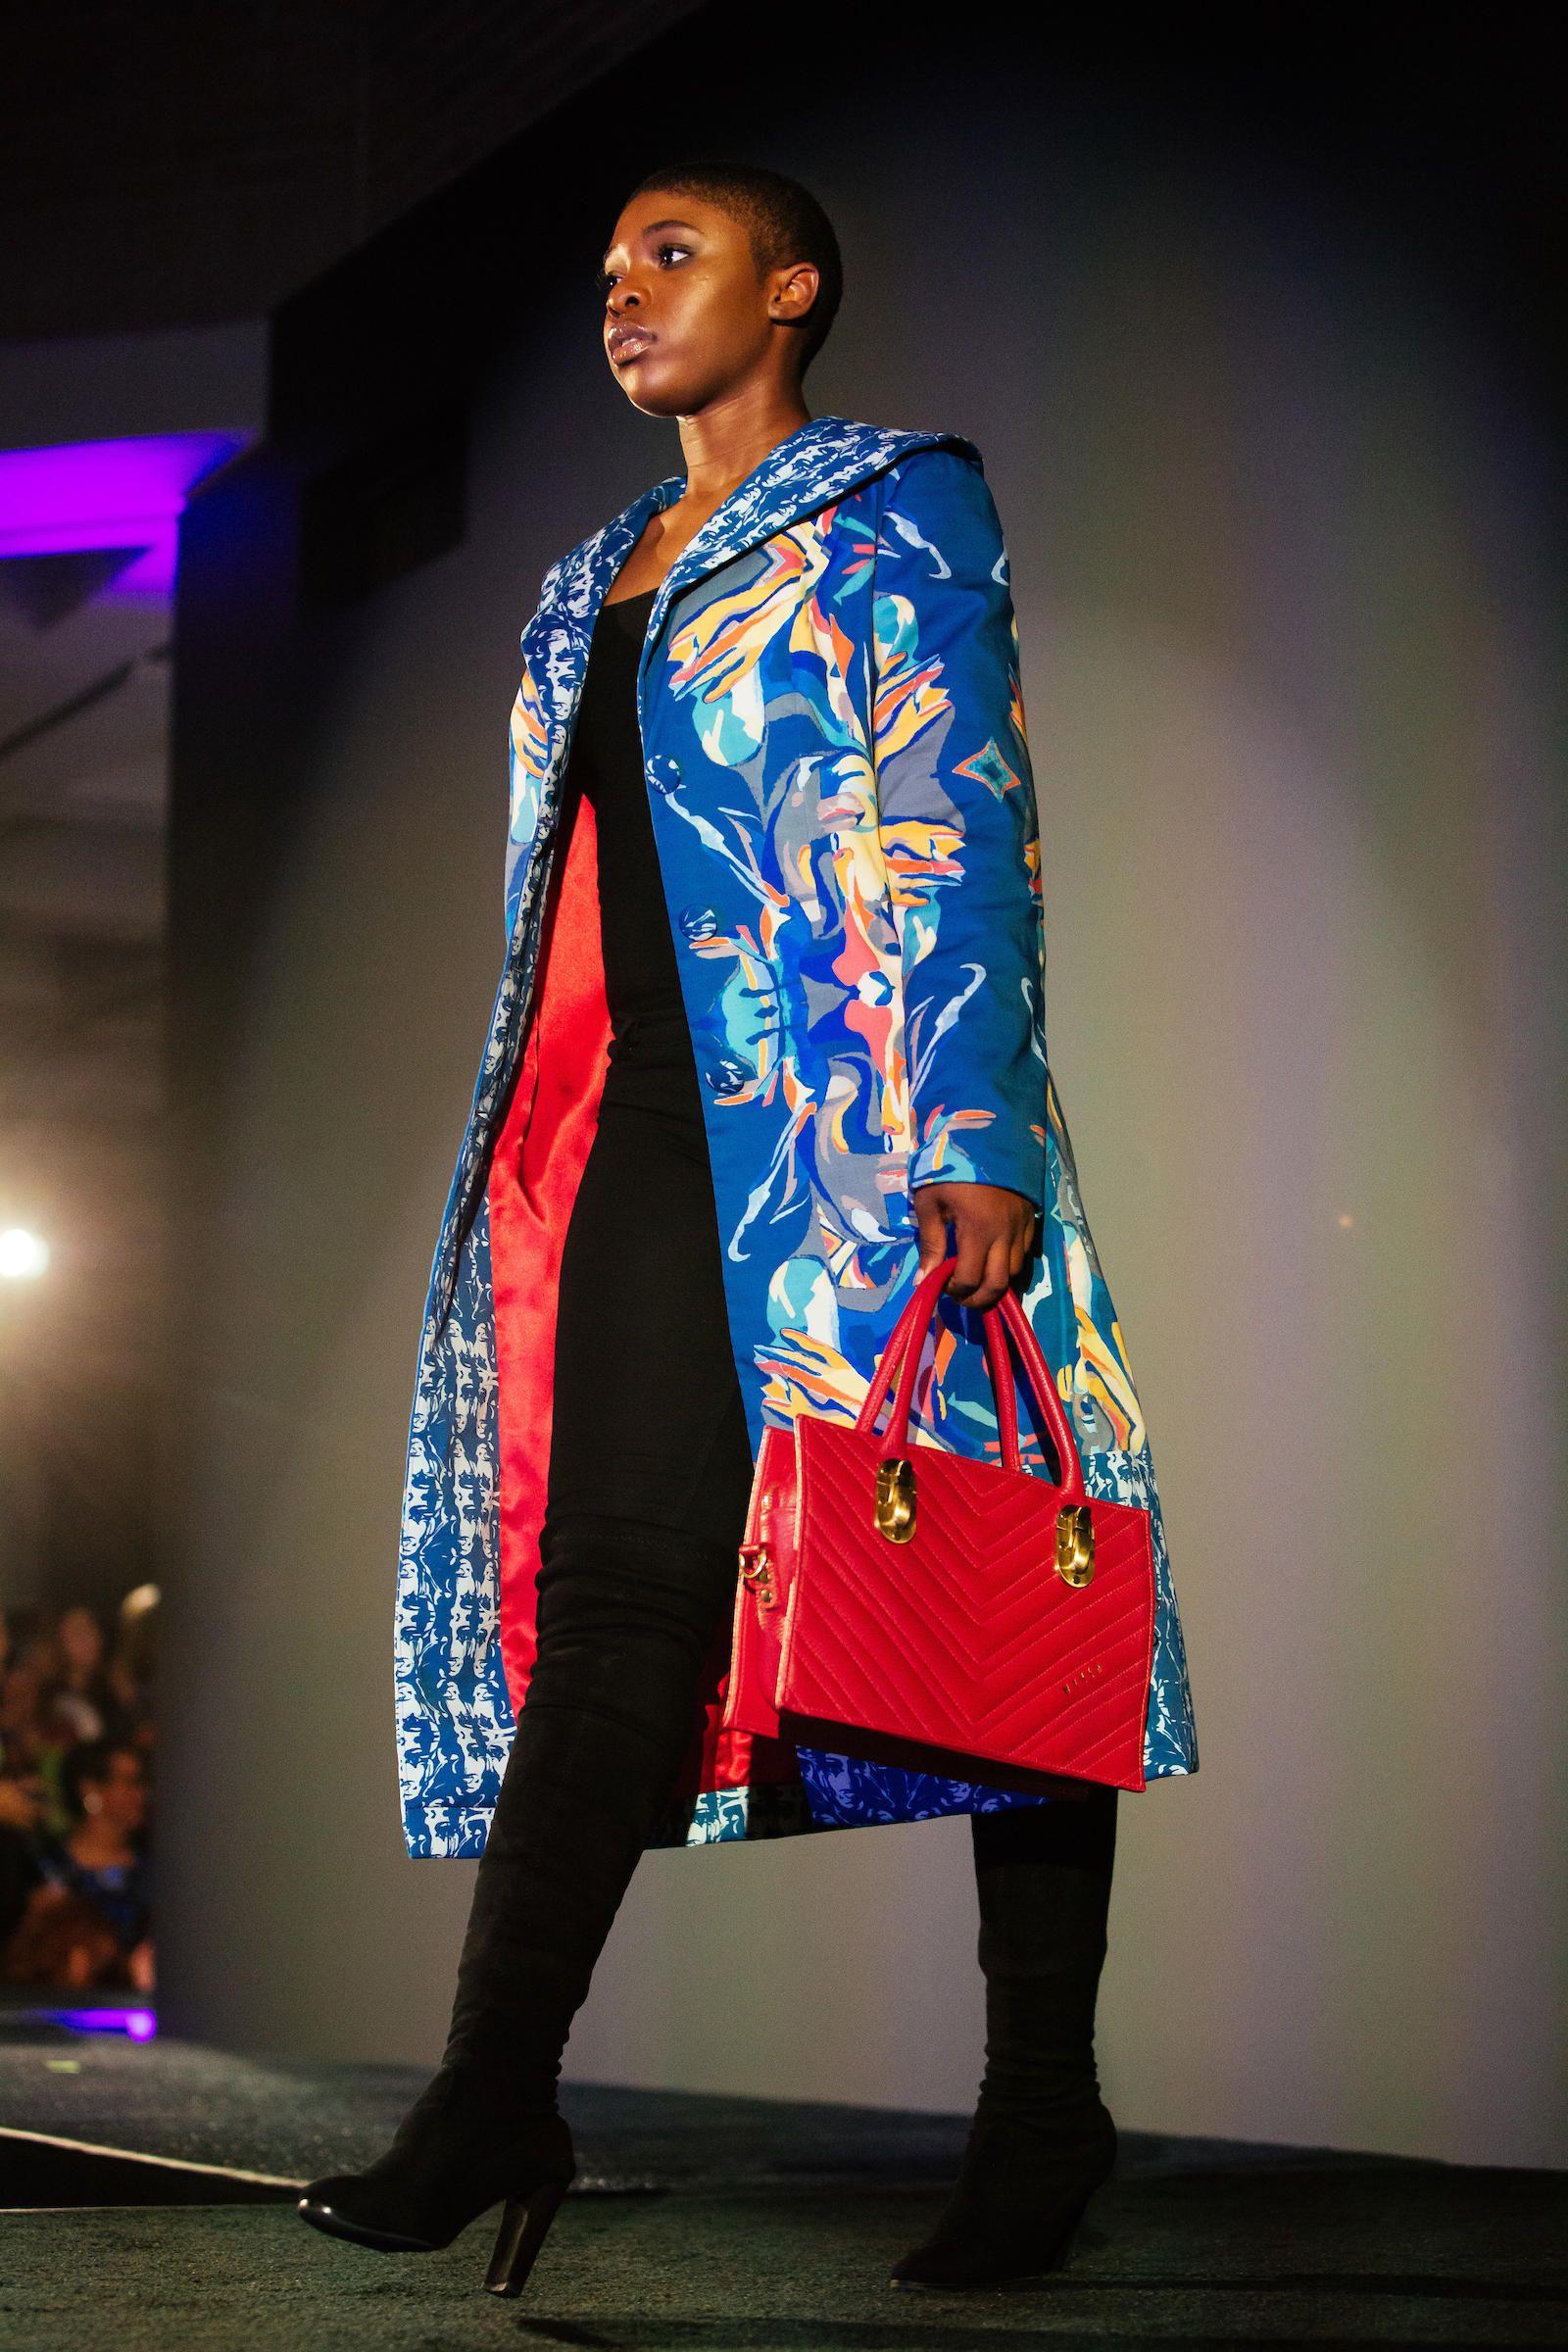 Ebony fashion fair exhibit